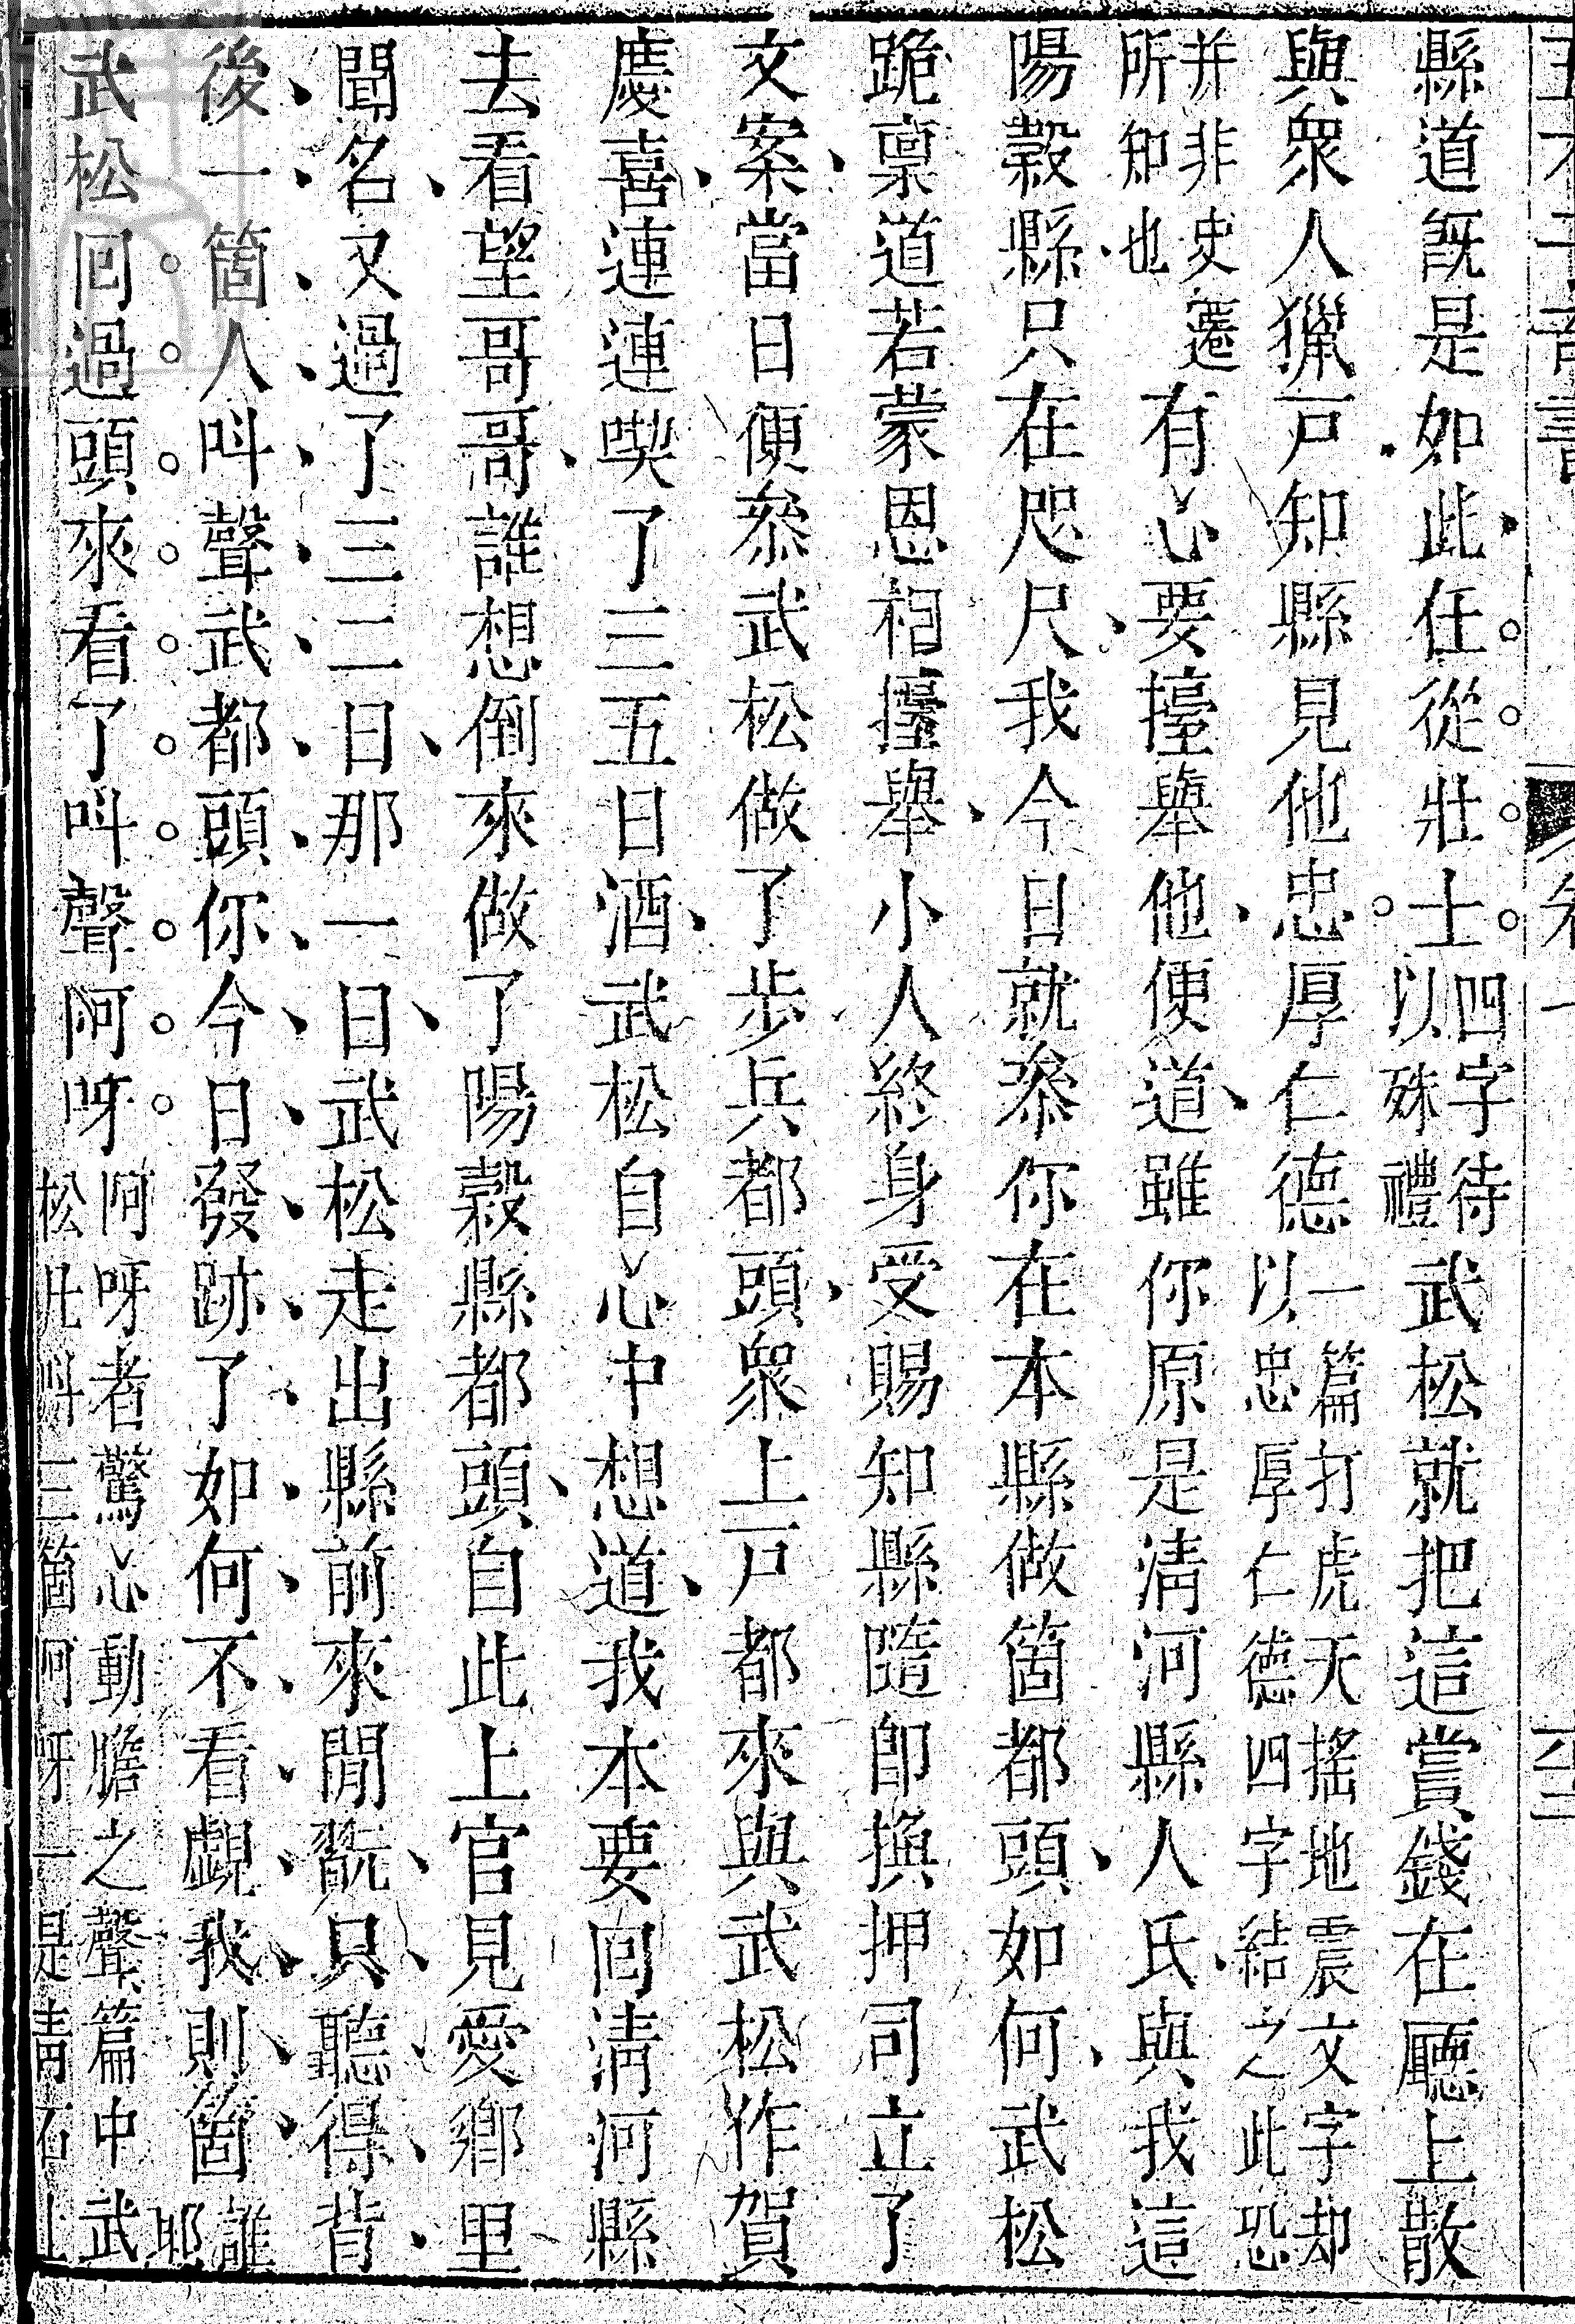 """图二 《评论出像水浒传》中的""""陽穀縣""""写法"""